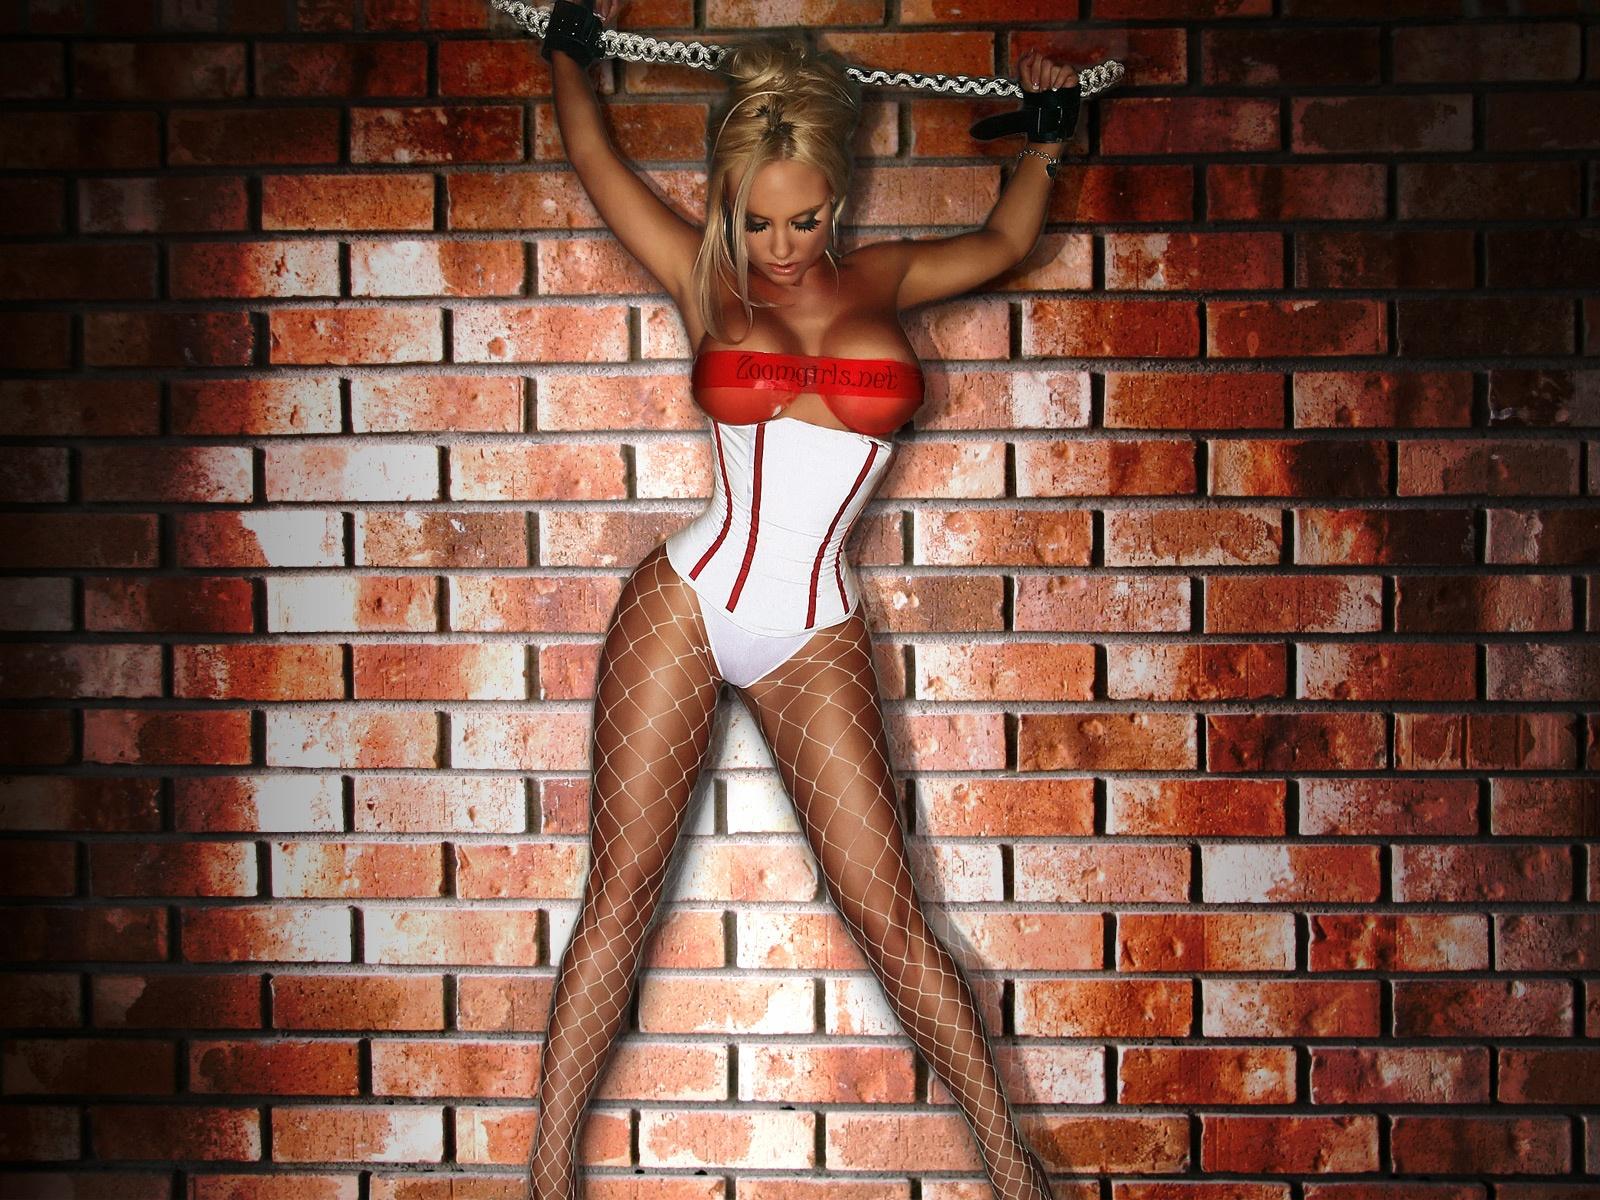 Наказание девушек фото 9 фотография